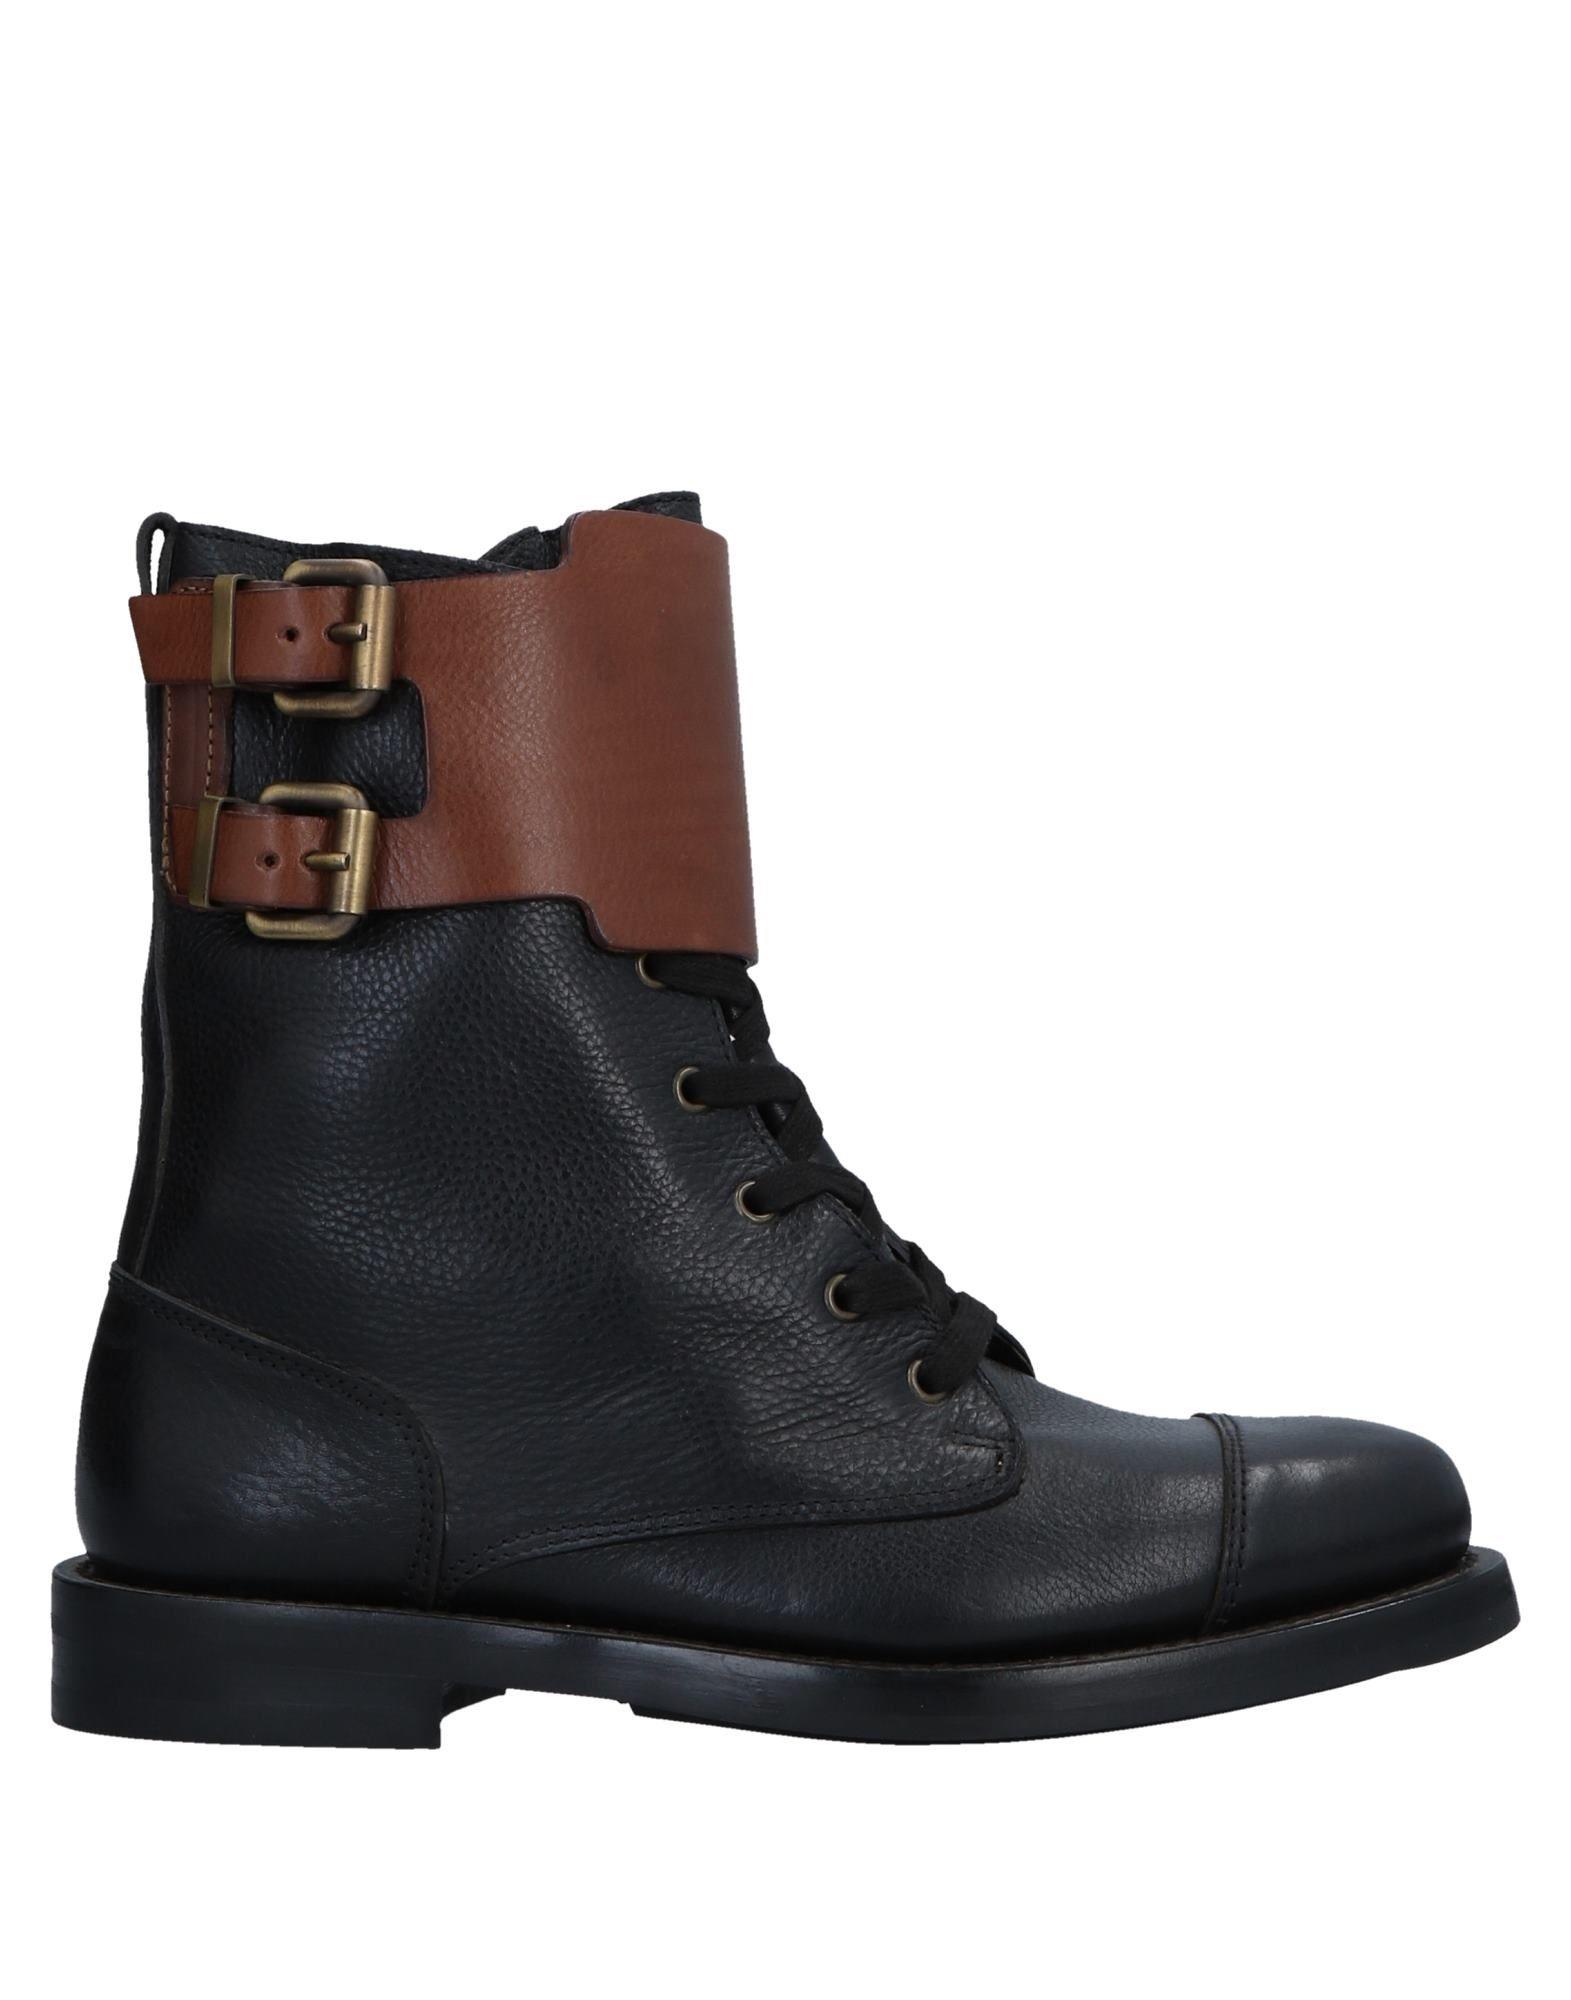 Vivienne Westwood Stiefelette Herren  11520557OO Gute Qualität beliebte Schuhe